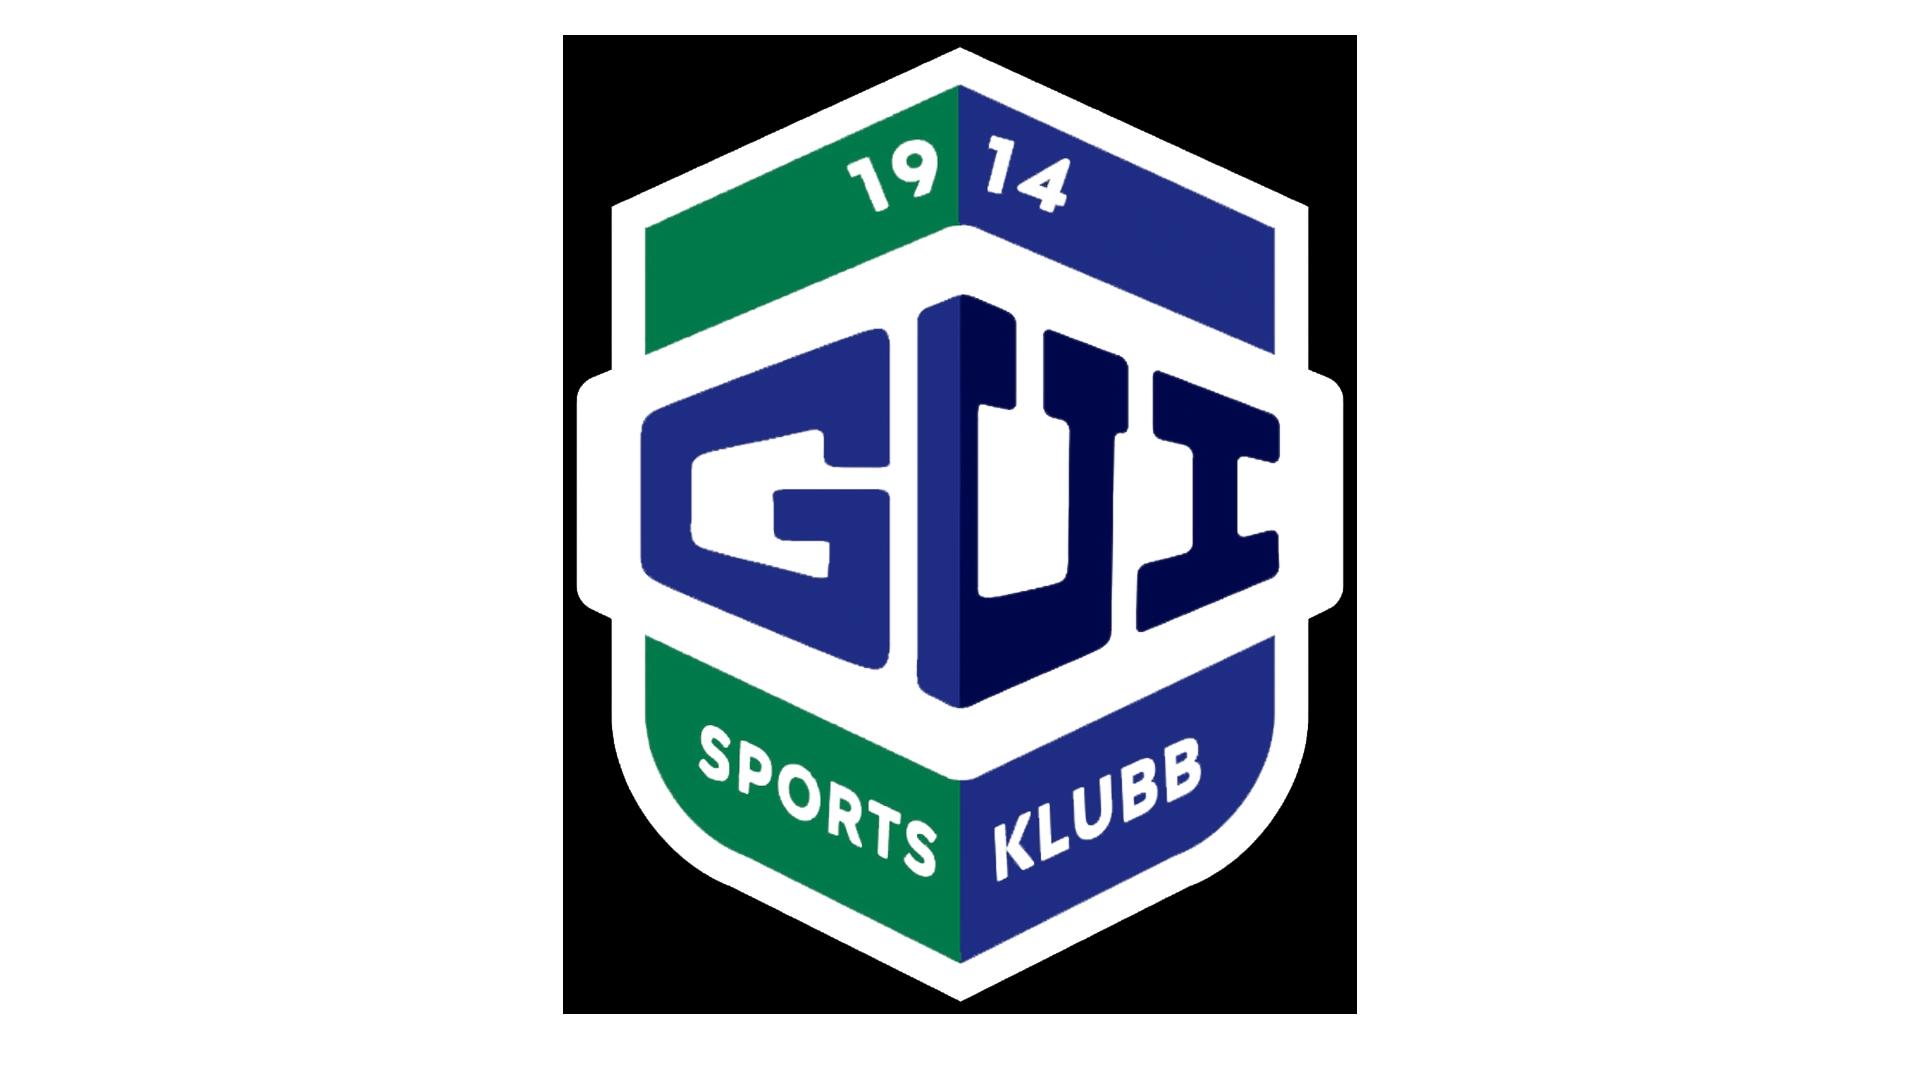 Gui Sportsklubb